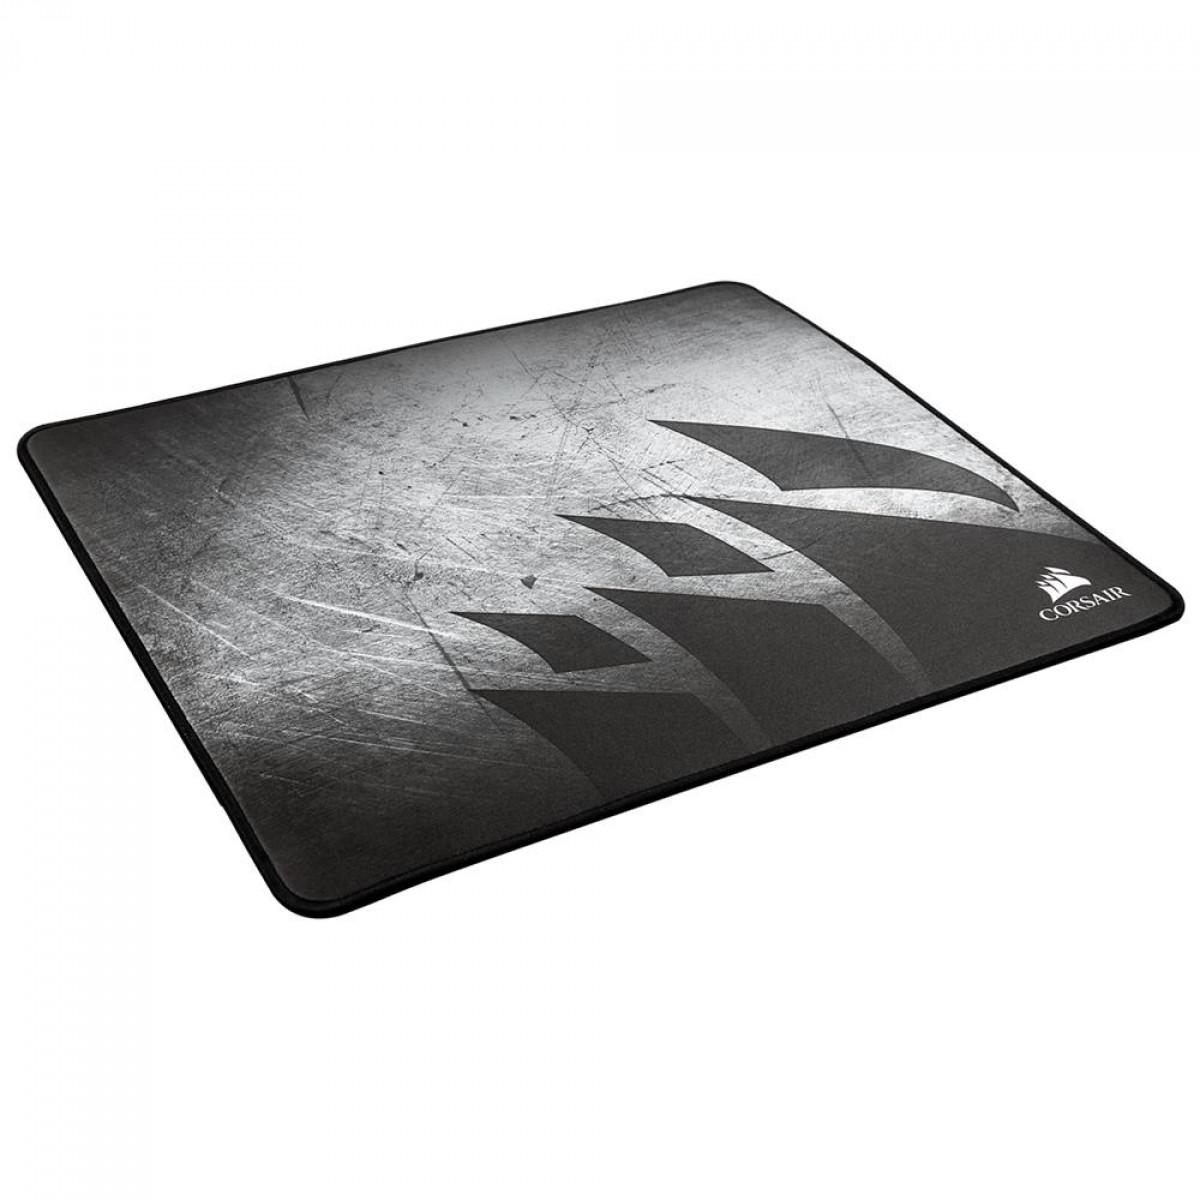 Mousepad Gamer Corsair MM350 Premium, 450mm x 400mm, CH-9413561-WW